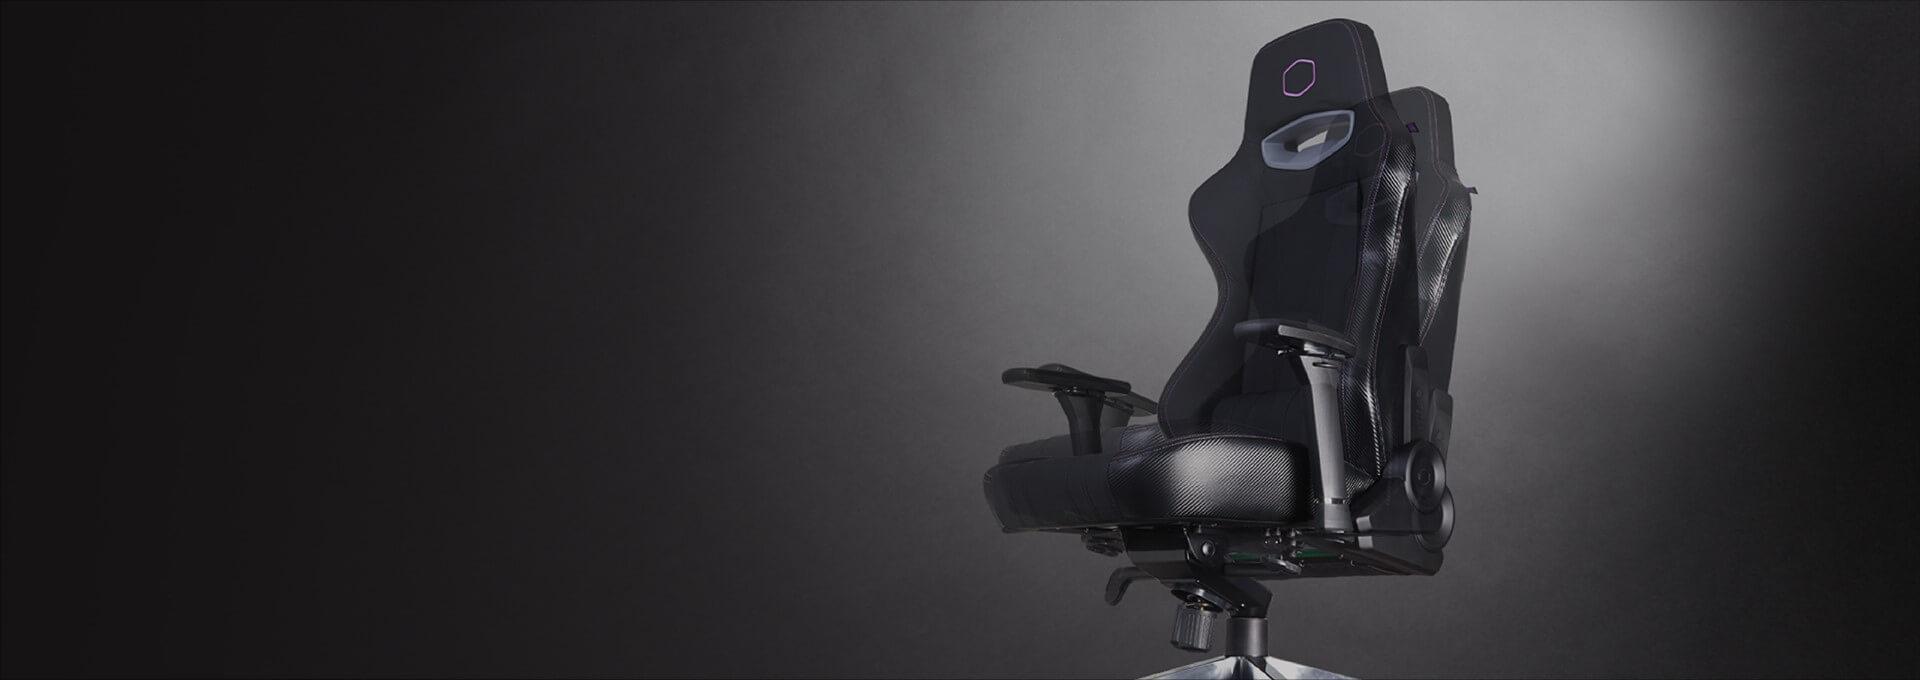 Ghế Gamer CoolerMaster Caliber X1 (CMI-GCX1-2019) có bệ đỡ con cóc có tính năng rocking khoá góc ngả tiện lợi